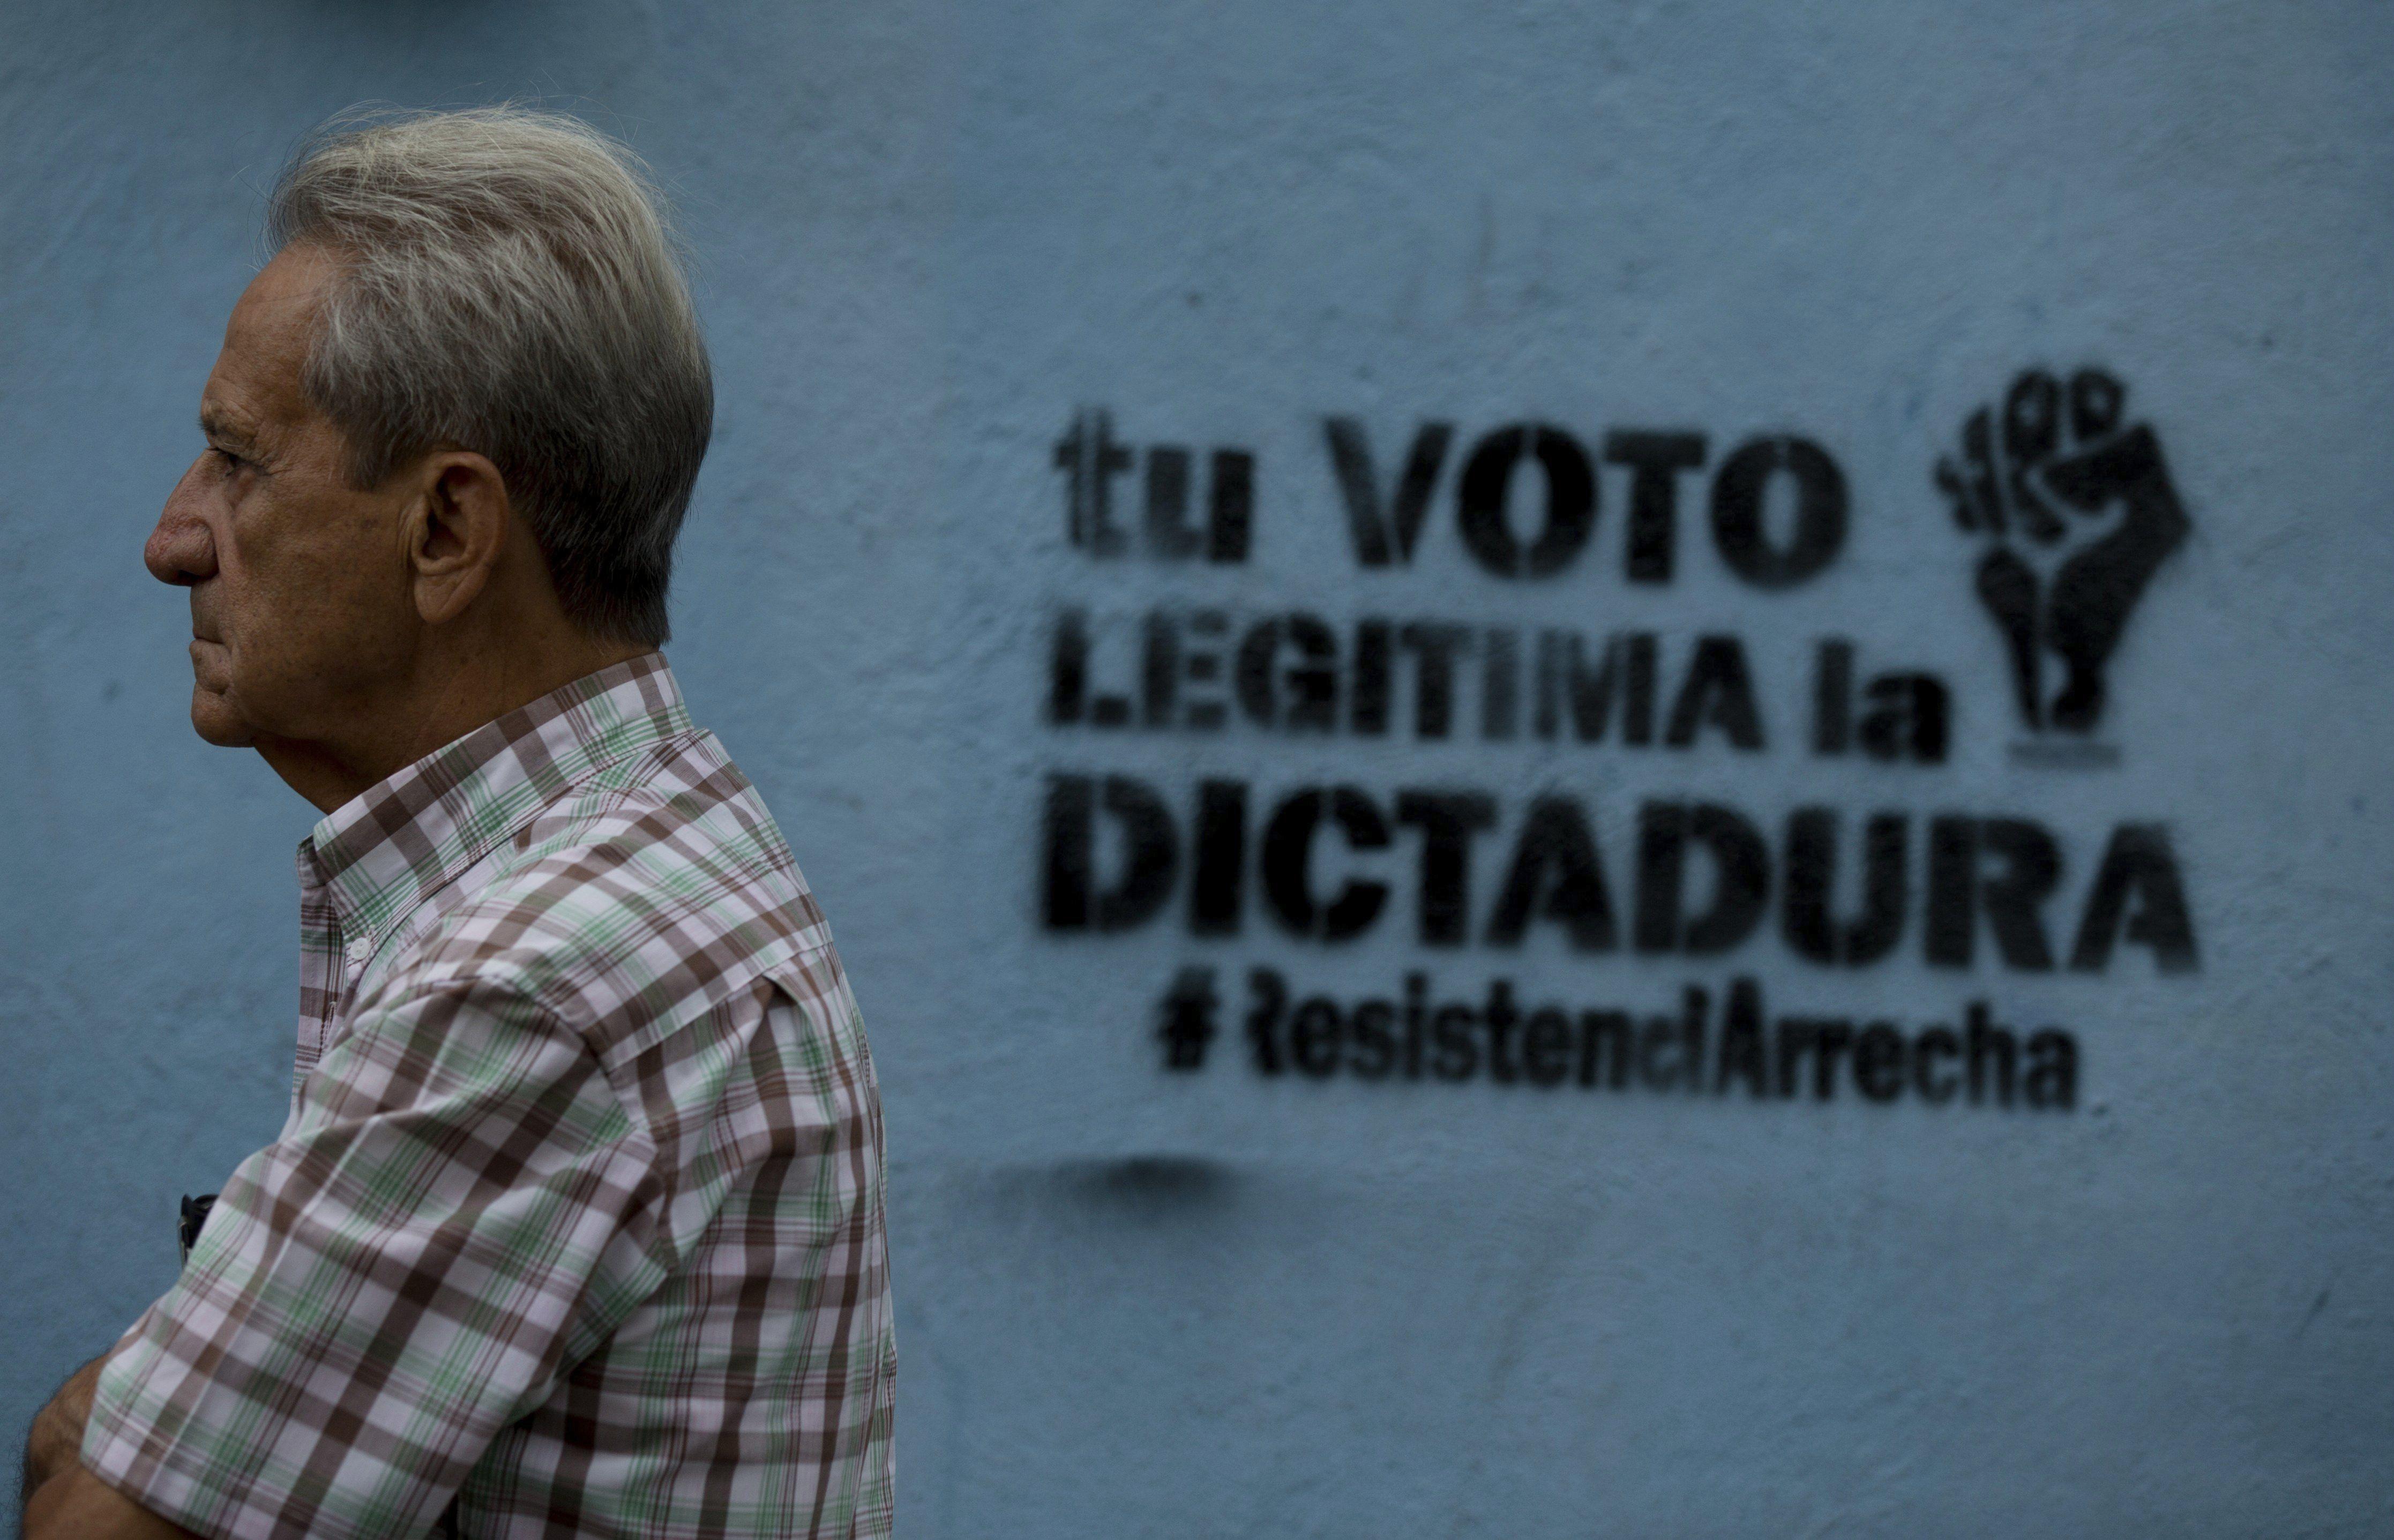 Encuestas vaticinan derrota de Maduro en las próximas elecciones en Venezuela